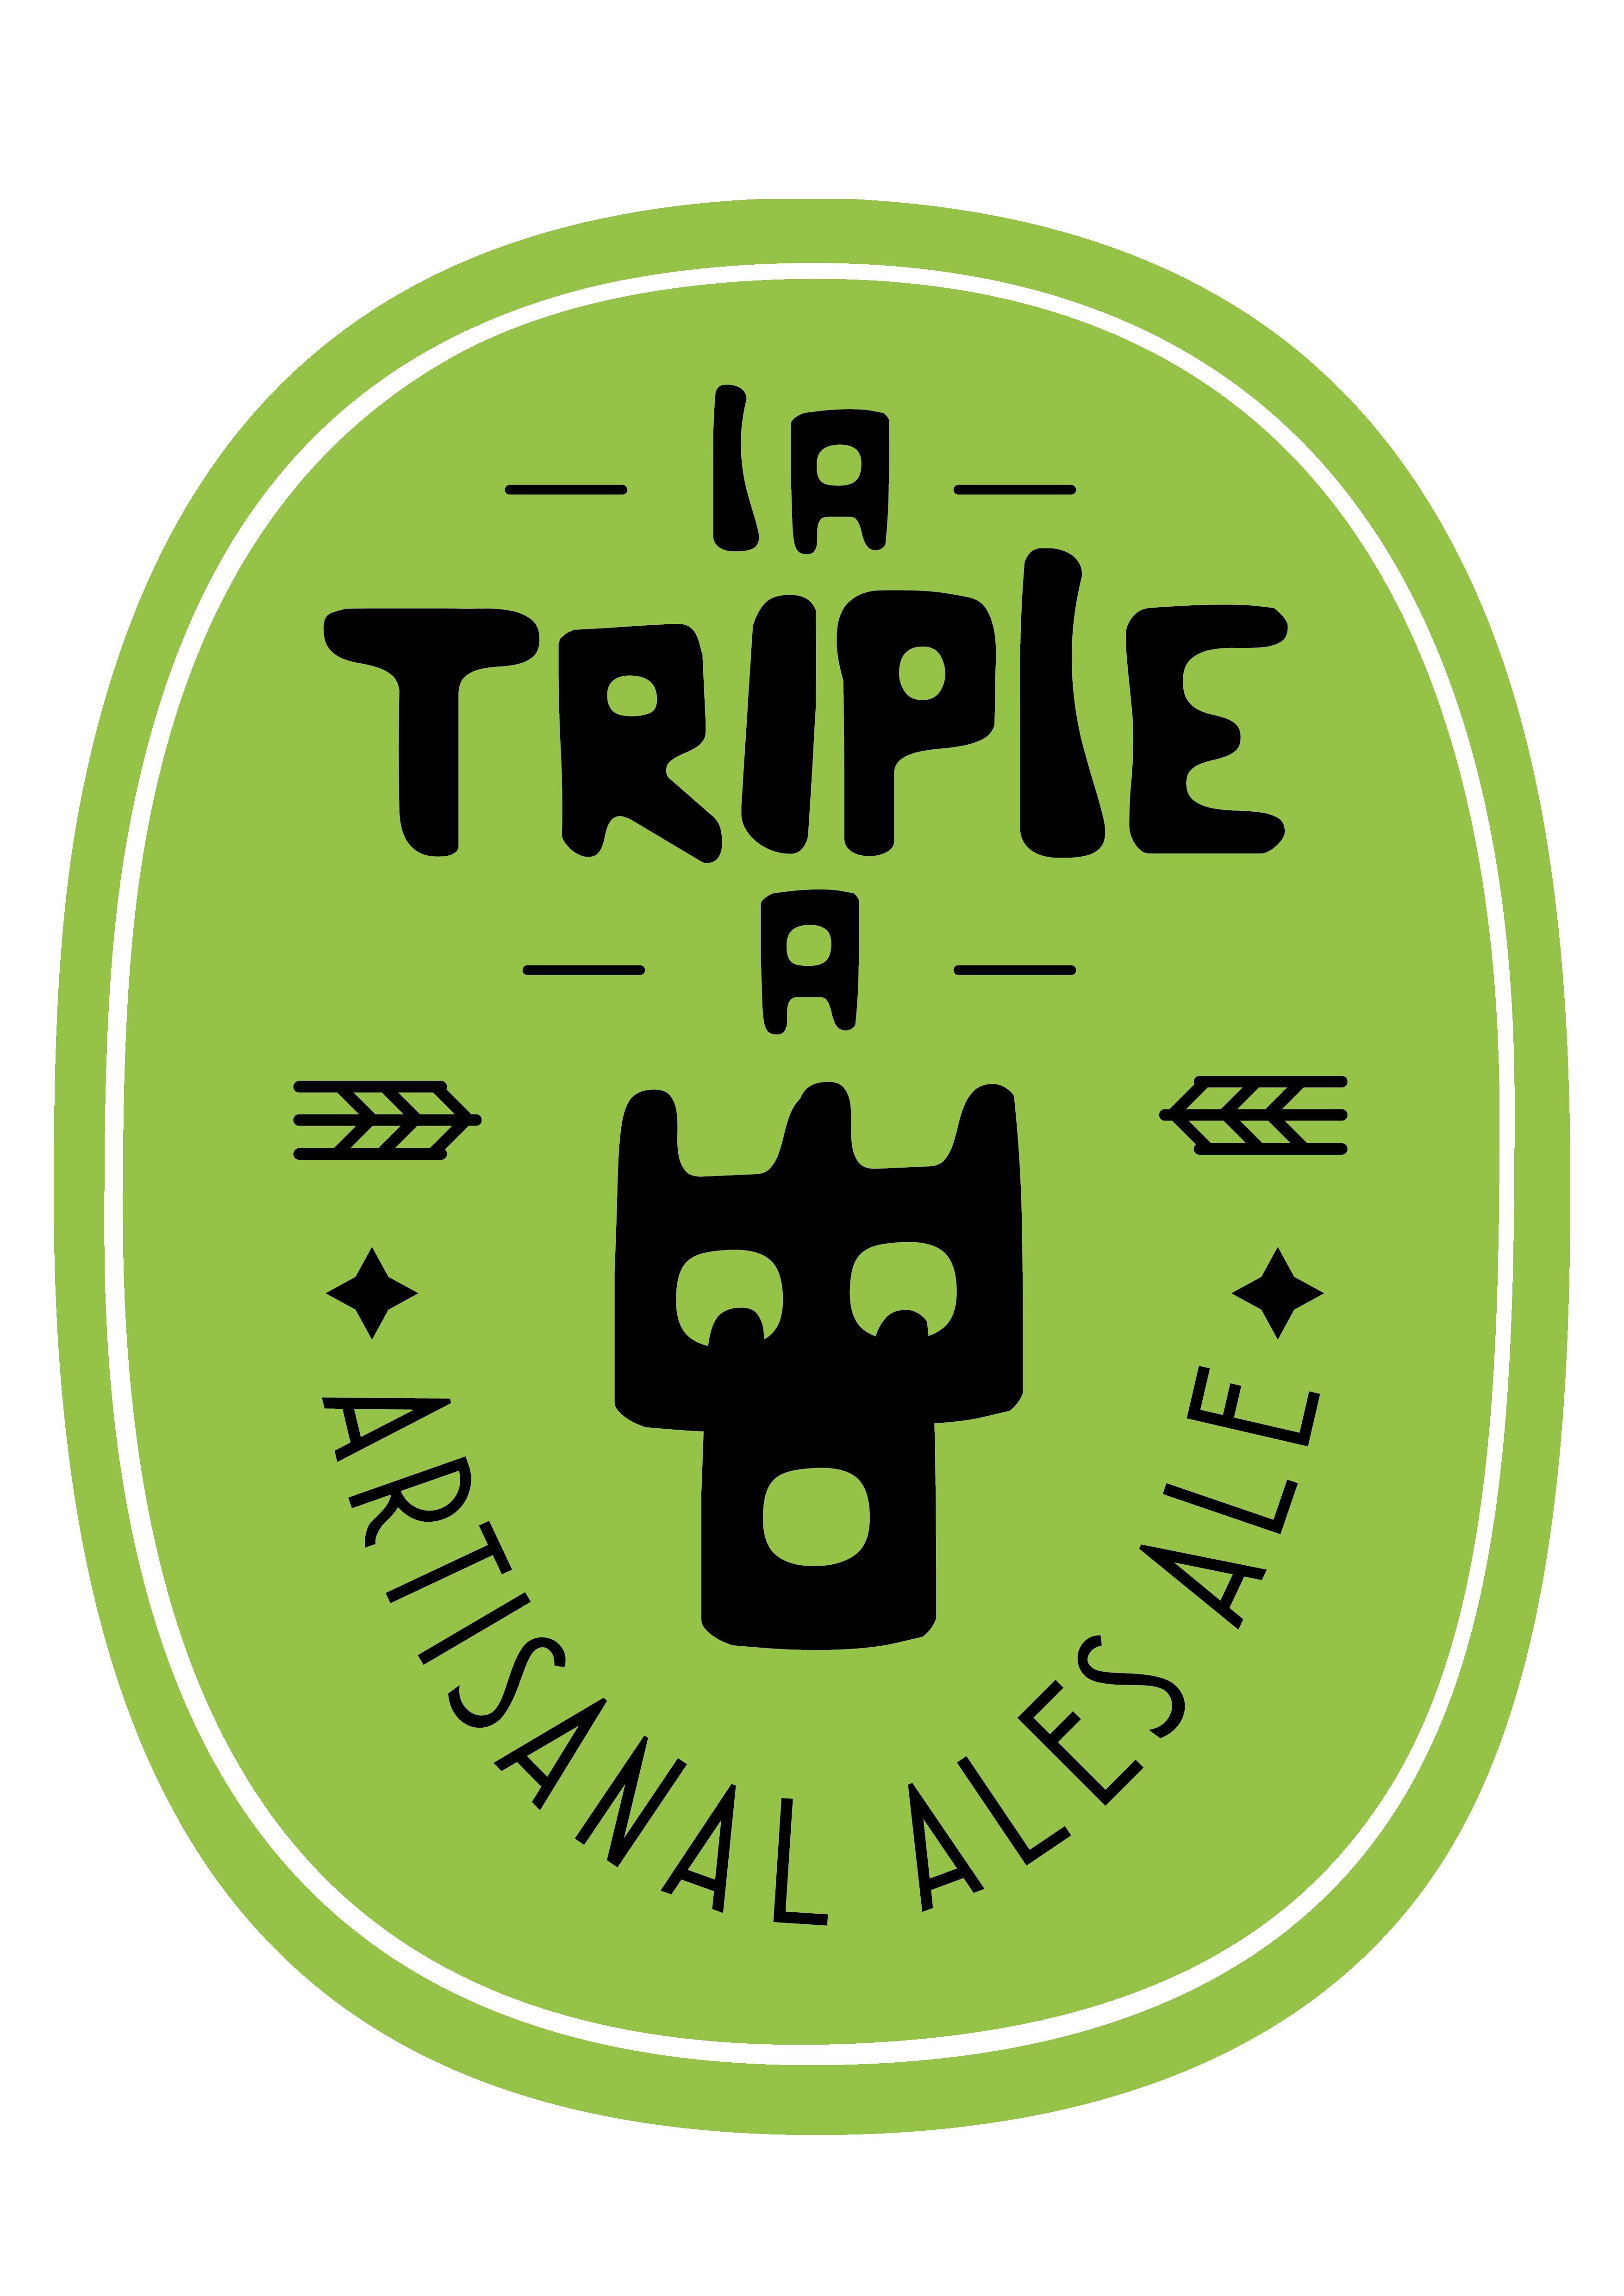 Brasserie artisanale triple A